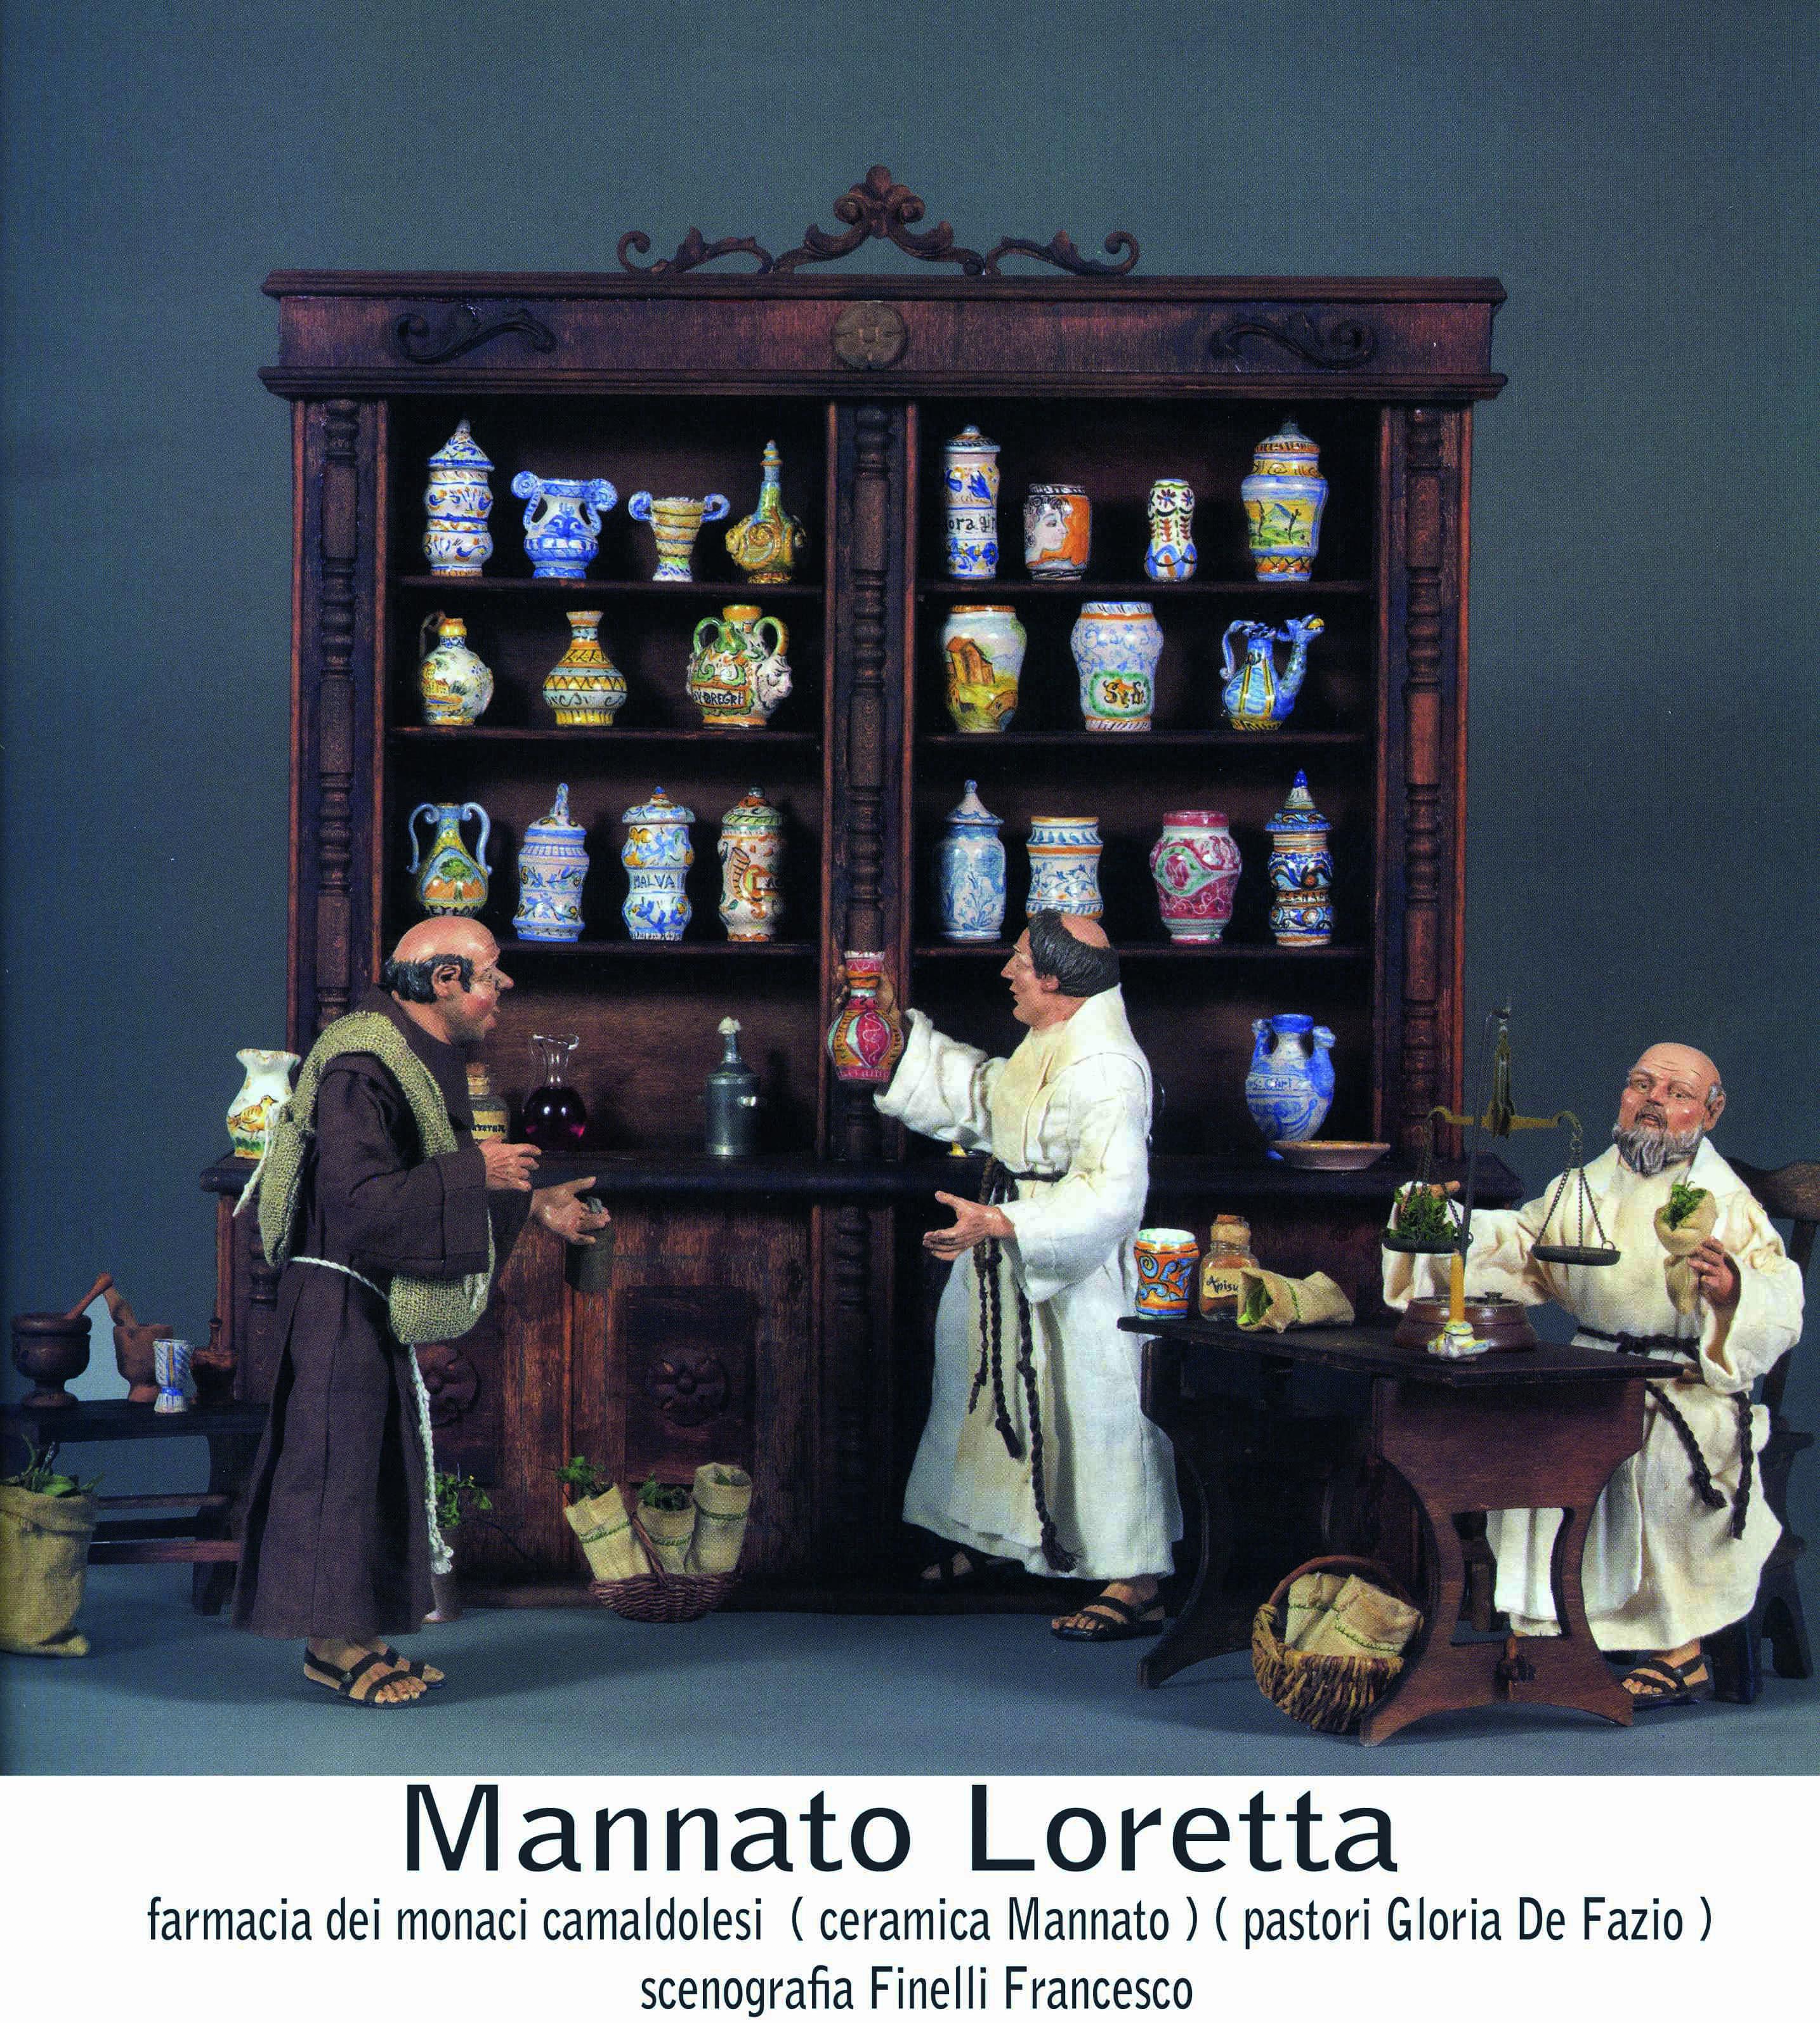 mannato